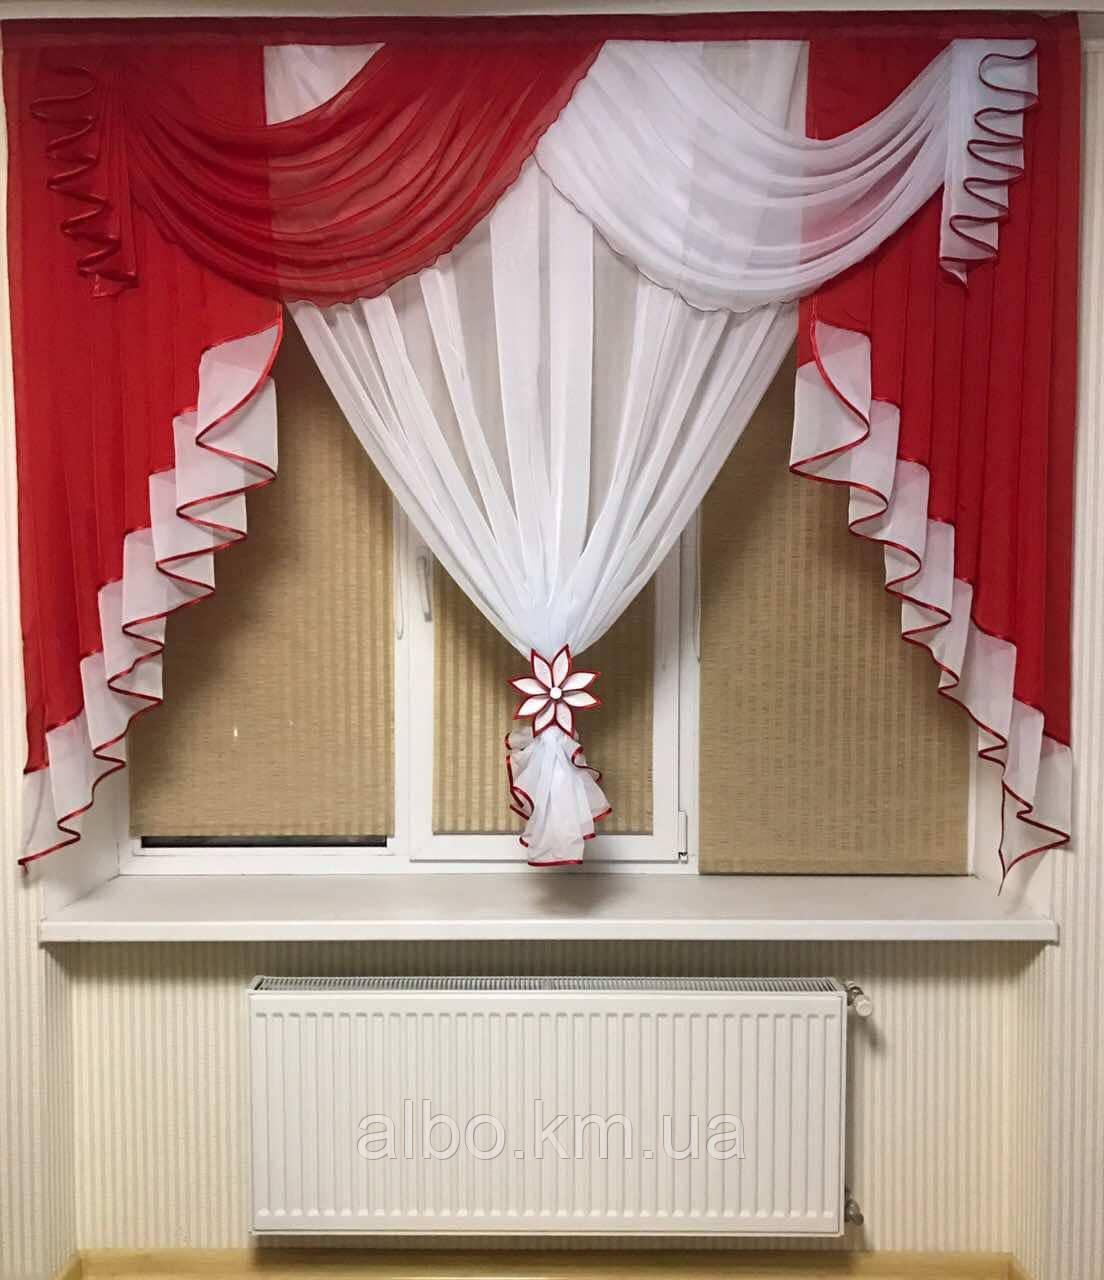 Занавеска в зал спальню гостинную из шифона, красивые занавески для гостинной зала кухни, готовая занавеска